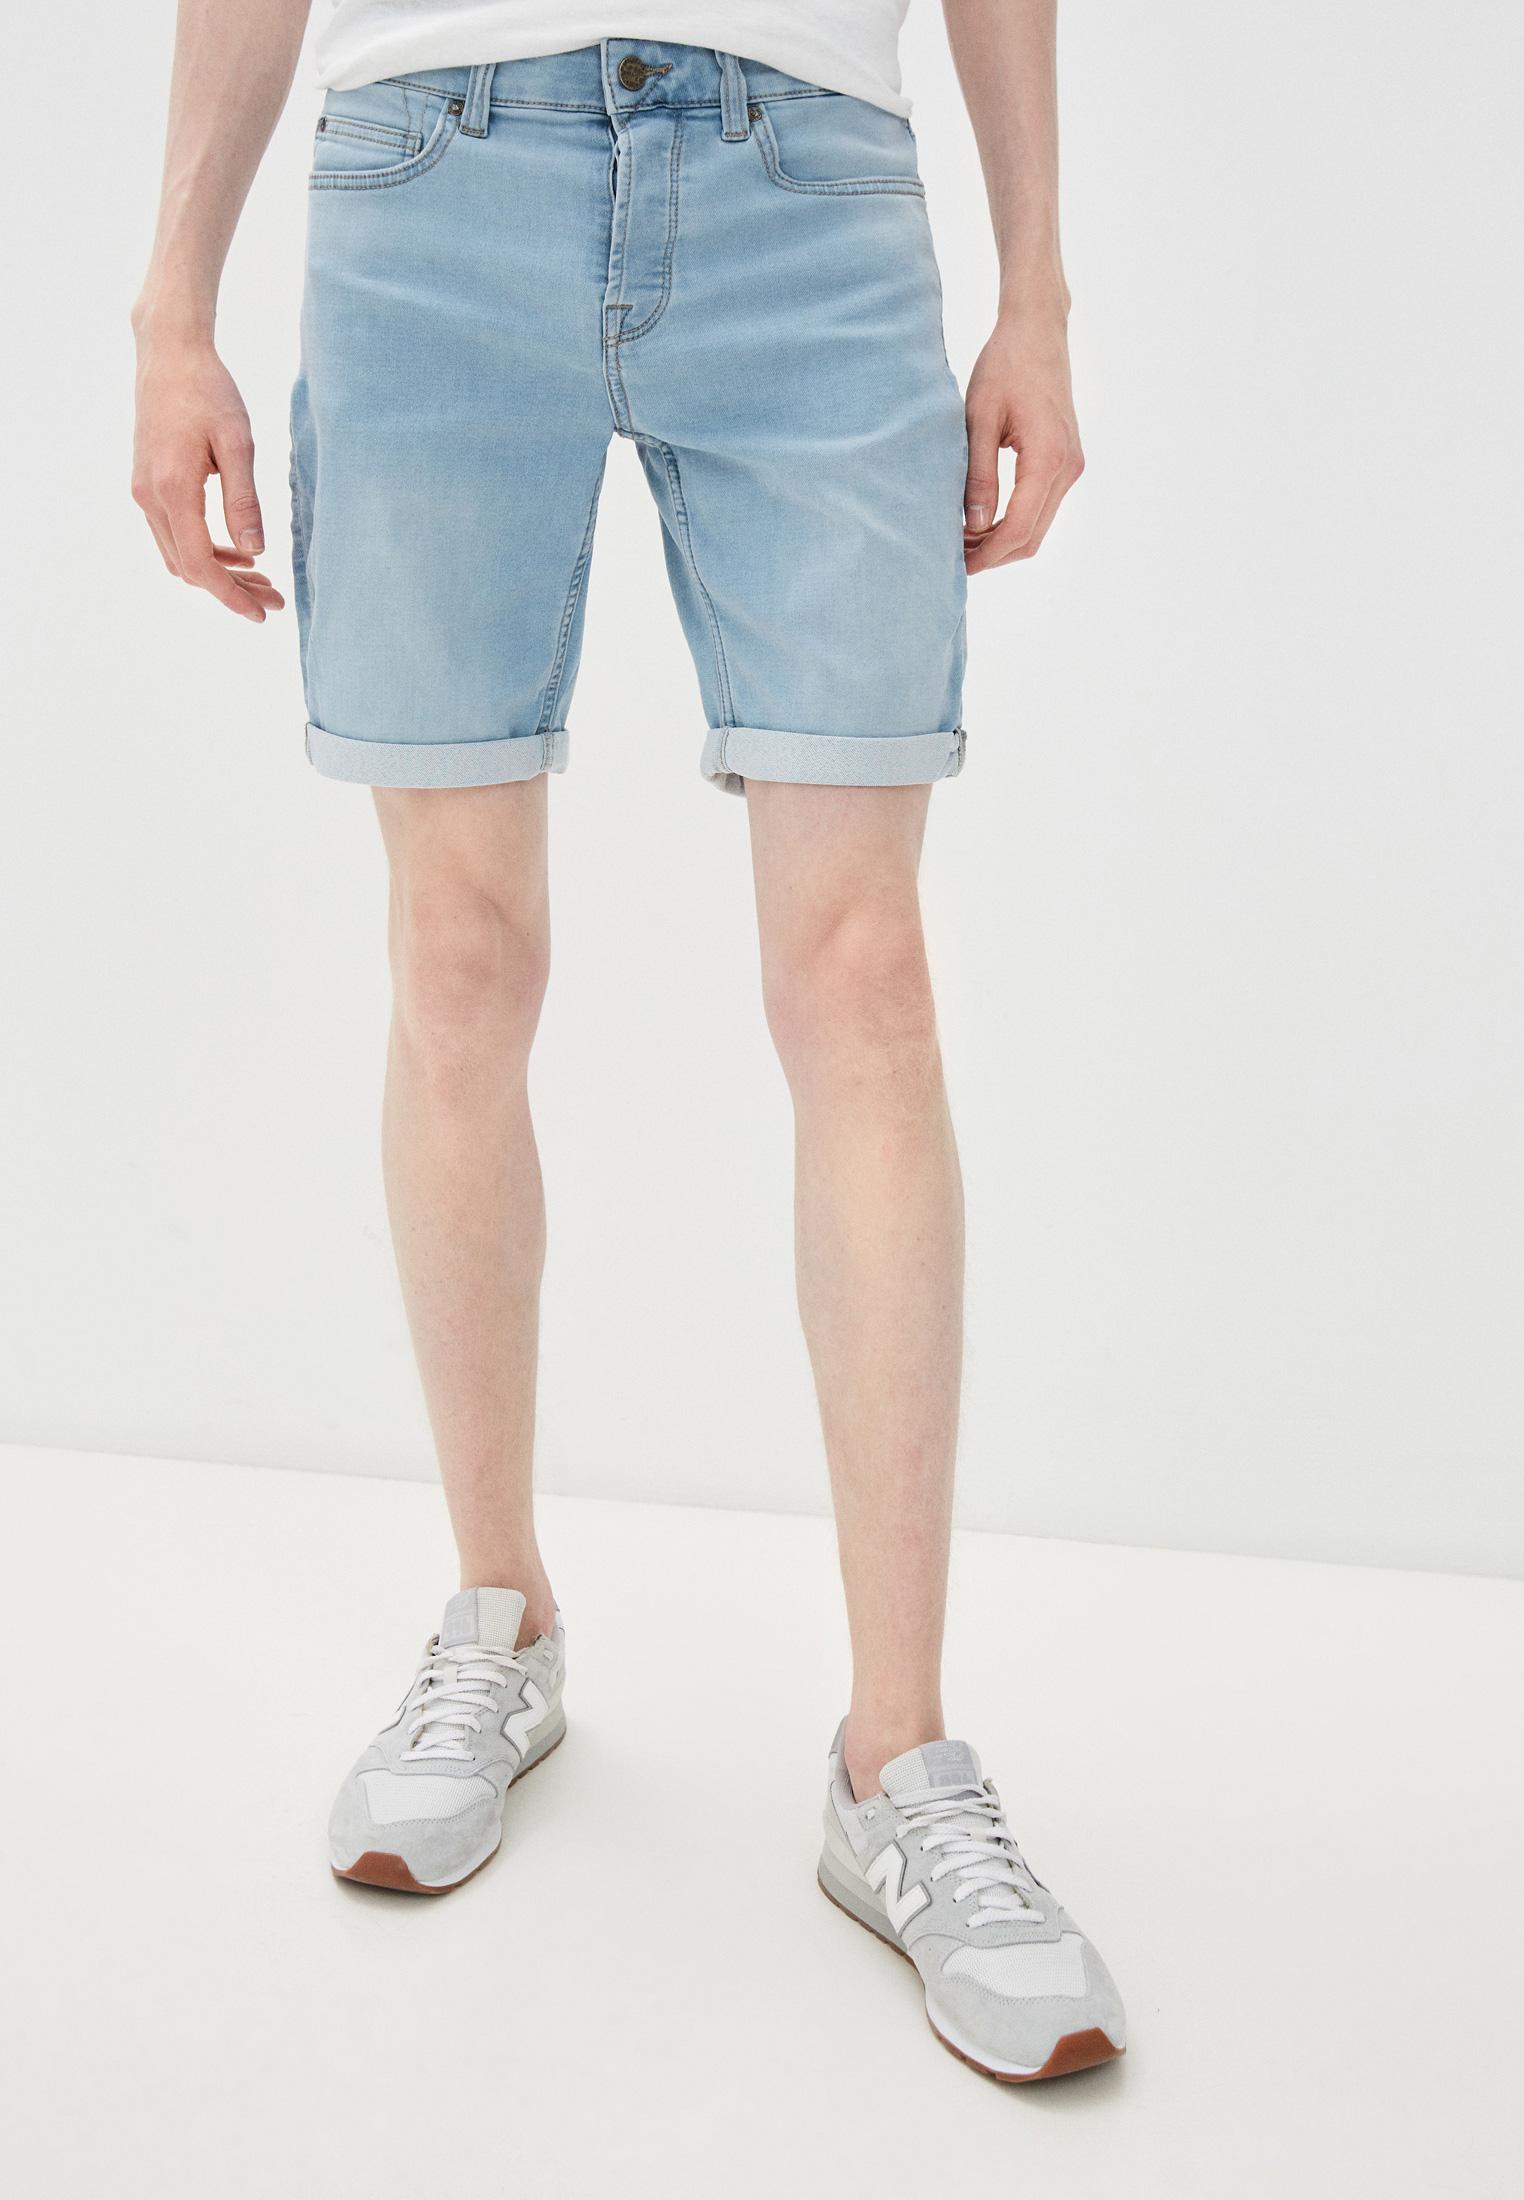 Мужские джинсовые шорты Only & Sons (Онли Энд Санс) Шорты джинсовые Only & Sons